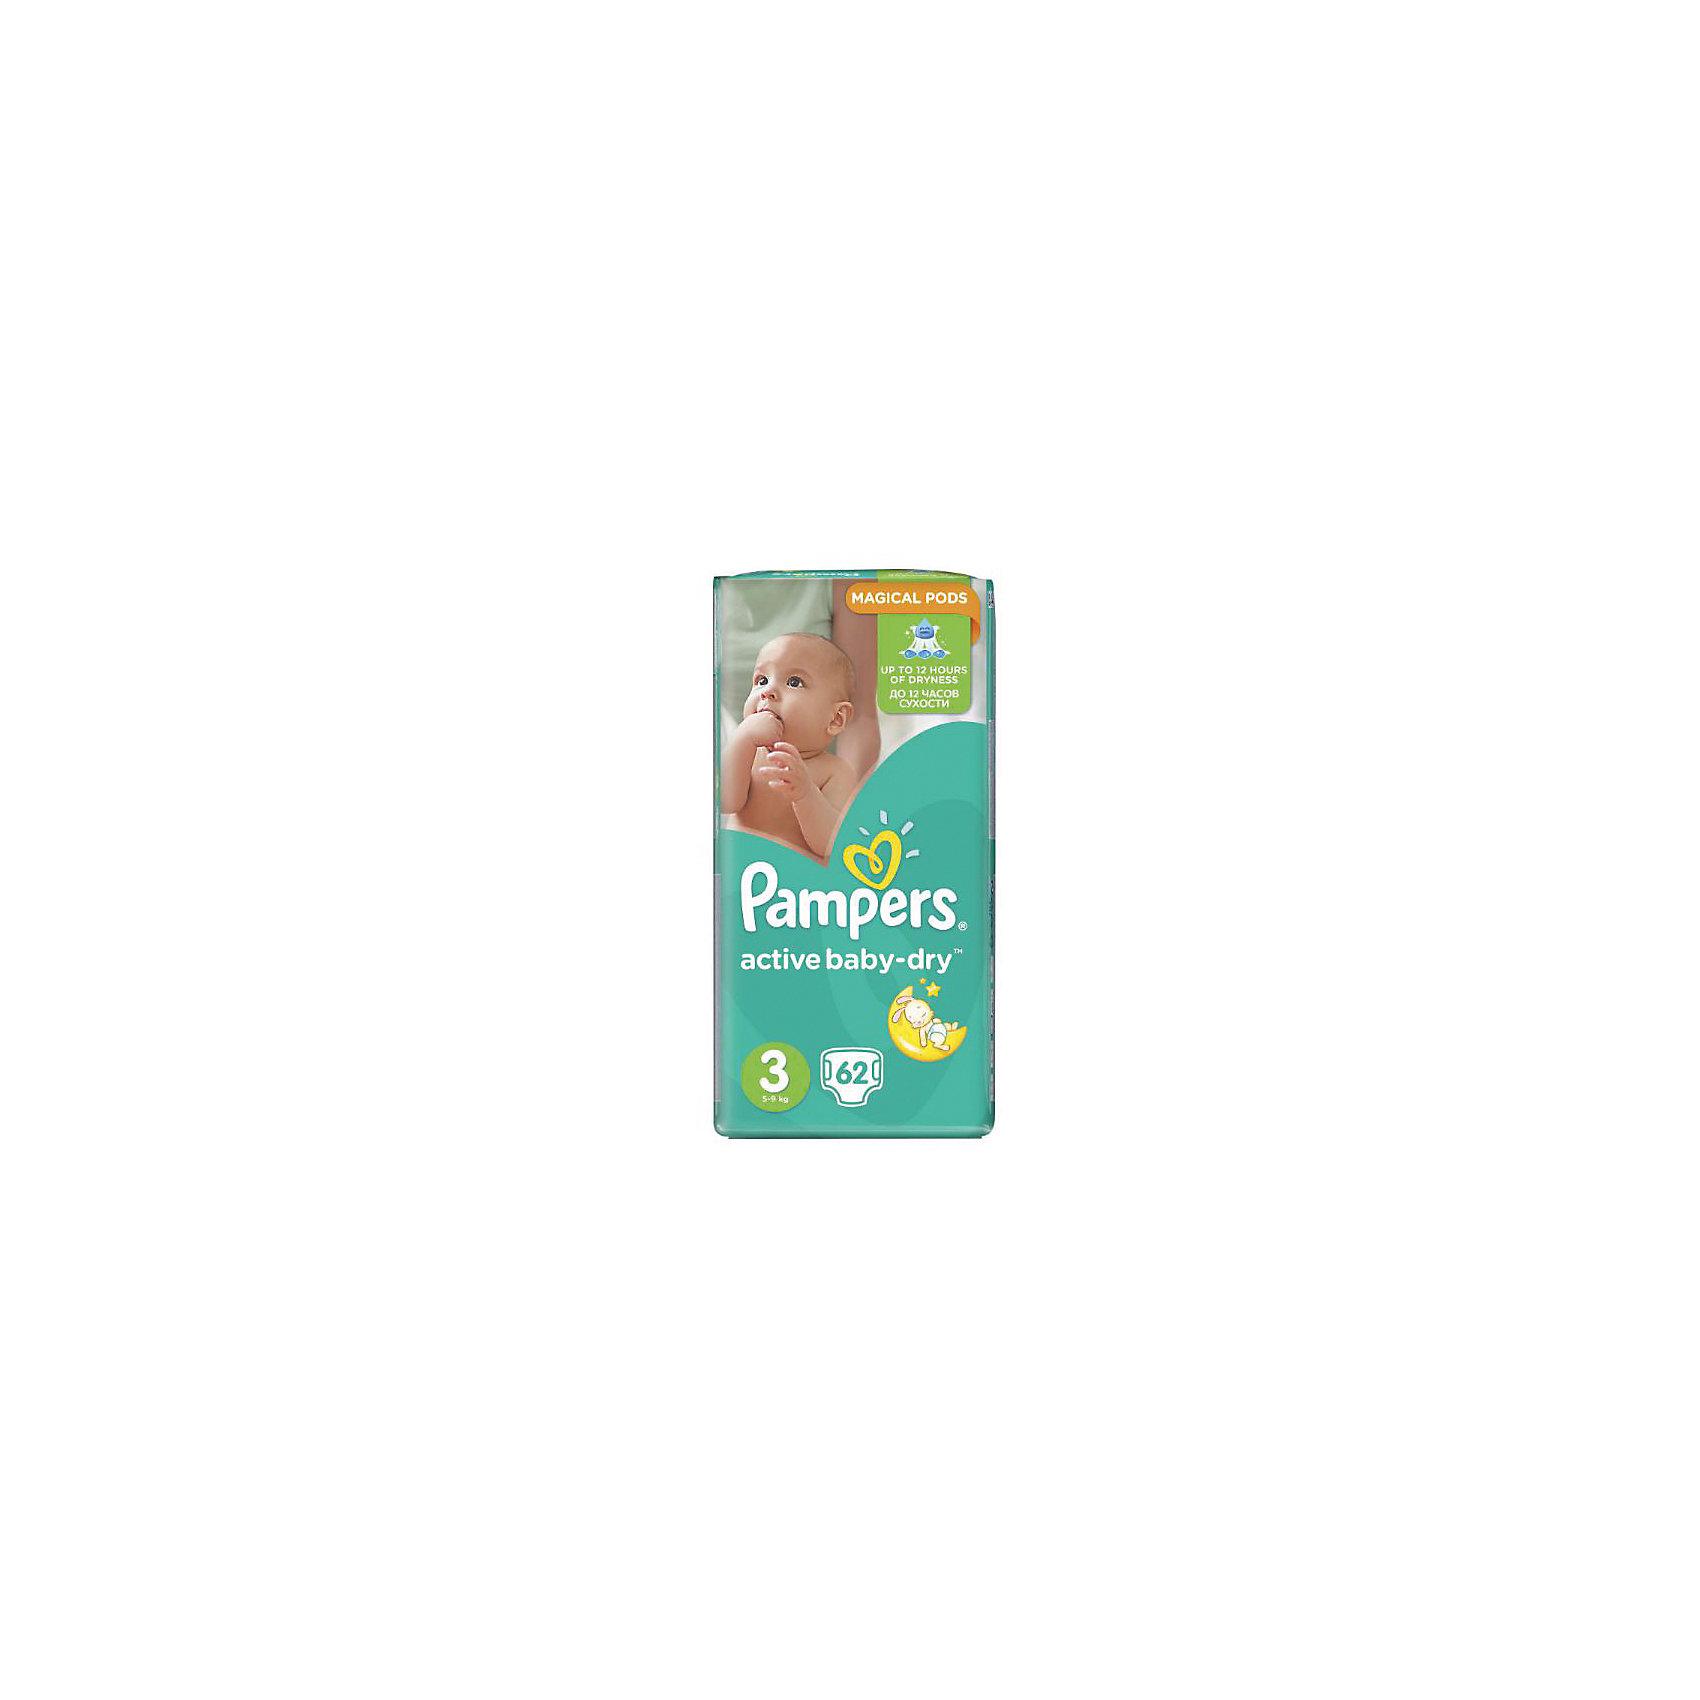 Подгузники Pampers Active Baby-Dry, 5-9 кг, 3 размер, 62 шт., PampersПодгузники классические<br>Характеристики:<br><br>• Пол: универсальный<br>• Тип подгузника: одноразовый<br>• Коллекция: Active Baby-Dry<br>• Предназначение: для использования в любое время суток <br>• Размер: 3<br>• Вес ребенка: от 5 до 9 кг<br>• Количество в упаковке: 62 шт.<br>• Упаковка: пакет<br>• Размер упаковки: 24,6*11,5*39,5 см<br>• Вес в упаковке: 1 кг 647 г<br>• Эластичные застежки-липучки<br>• Быстро впитывающий слой<br>• Мягкий верхний слой<br>• Сохранение сухости в течение 12-ти часов<br><br>Подгузники Pampers Active Baby-Dry, 5-9 кг, 3 размер, 62 шт., Pampers – это линейка классических детских подгузников от Pampers, которая сочетает в себе качество и безопасность материалов, удобство использования и комфорт для нежной кожи малыша. Подгузники предназначены для младенцев весом до 9 кг. Инновационные технологии и современные материалы обеспечивают этим подгузникам Дышащие свойства, что особенно важно для кожи малыша. <br><br>Впитывающие свойства изделию обеспечивает уникальный слой, состоящий из жемчужных микрогранул. У подгузников предусмотрена эластичная мягкая резиночка на спинке. Широкие липучки с двух сторон обеспечивают надежную фиксацию. Подгузник имеет мягкий верхний слой, который обеспечивает не только комфорт, но и защищает кожу ребенка от раздражений. Подгузник подходит как для мальчиков, так и для девочек. <br><br>Подгузники Pampers Active Baby-Dry, 5-9 кг, 3 размер, 62 шт., Pampers можно купить в нашем интернет-магазине.<br><br>Ширина мм: 431<br>Глубина мм: 245<br>Высота мм: 307<br>Вес г: 3083<br>Возраст от месяцев: 6<br>Возраст до месяцев: 12<br>Пол: Унисекс<br>Возраст: Детский<br>SKU: 6837469